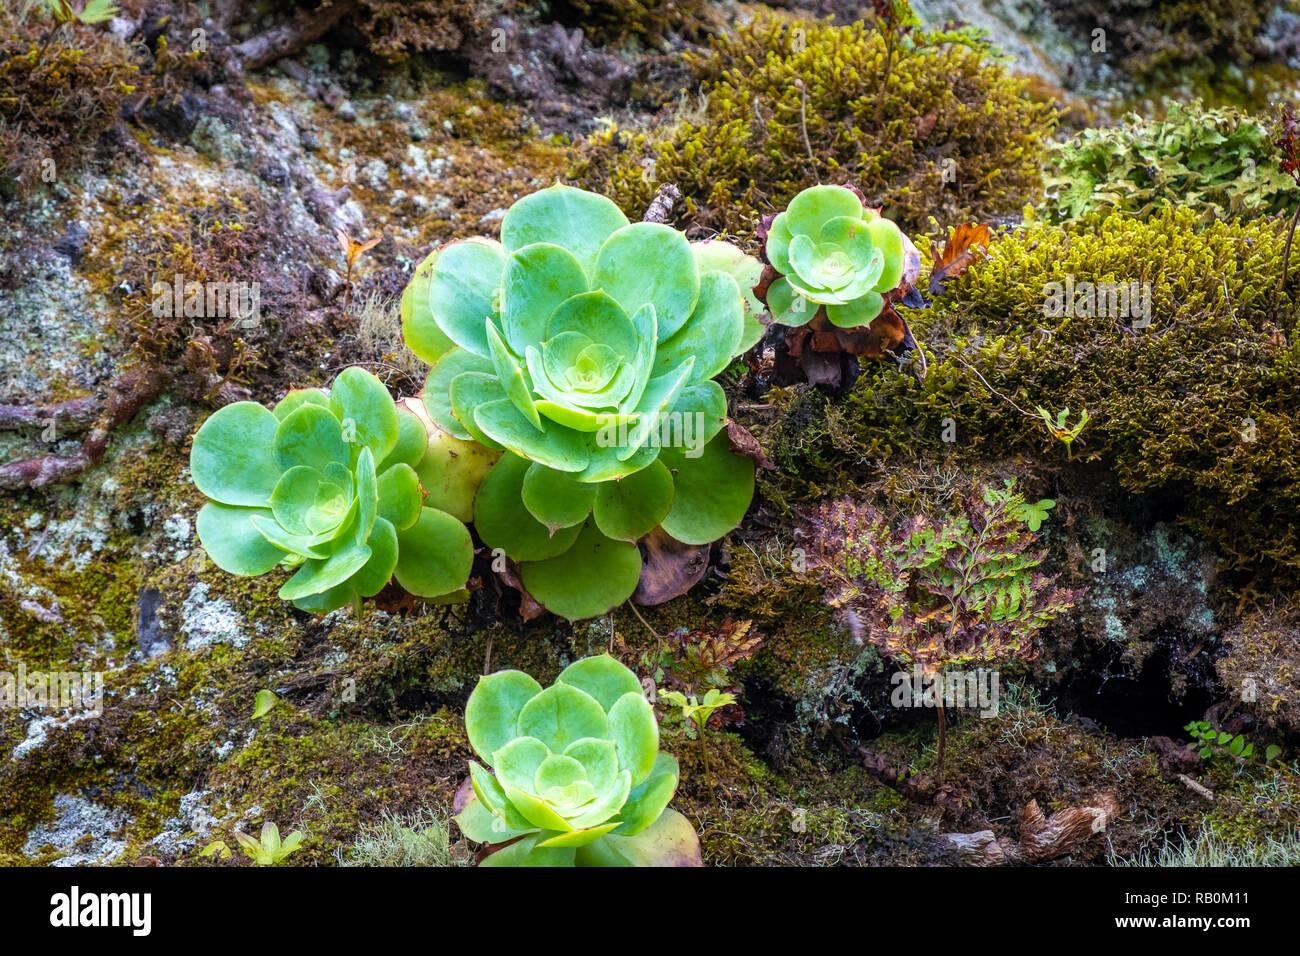 Hauswurzen auf Teneriffa, Spanien - Stock Image